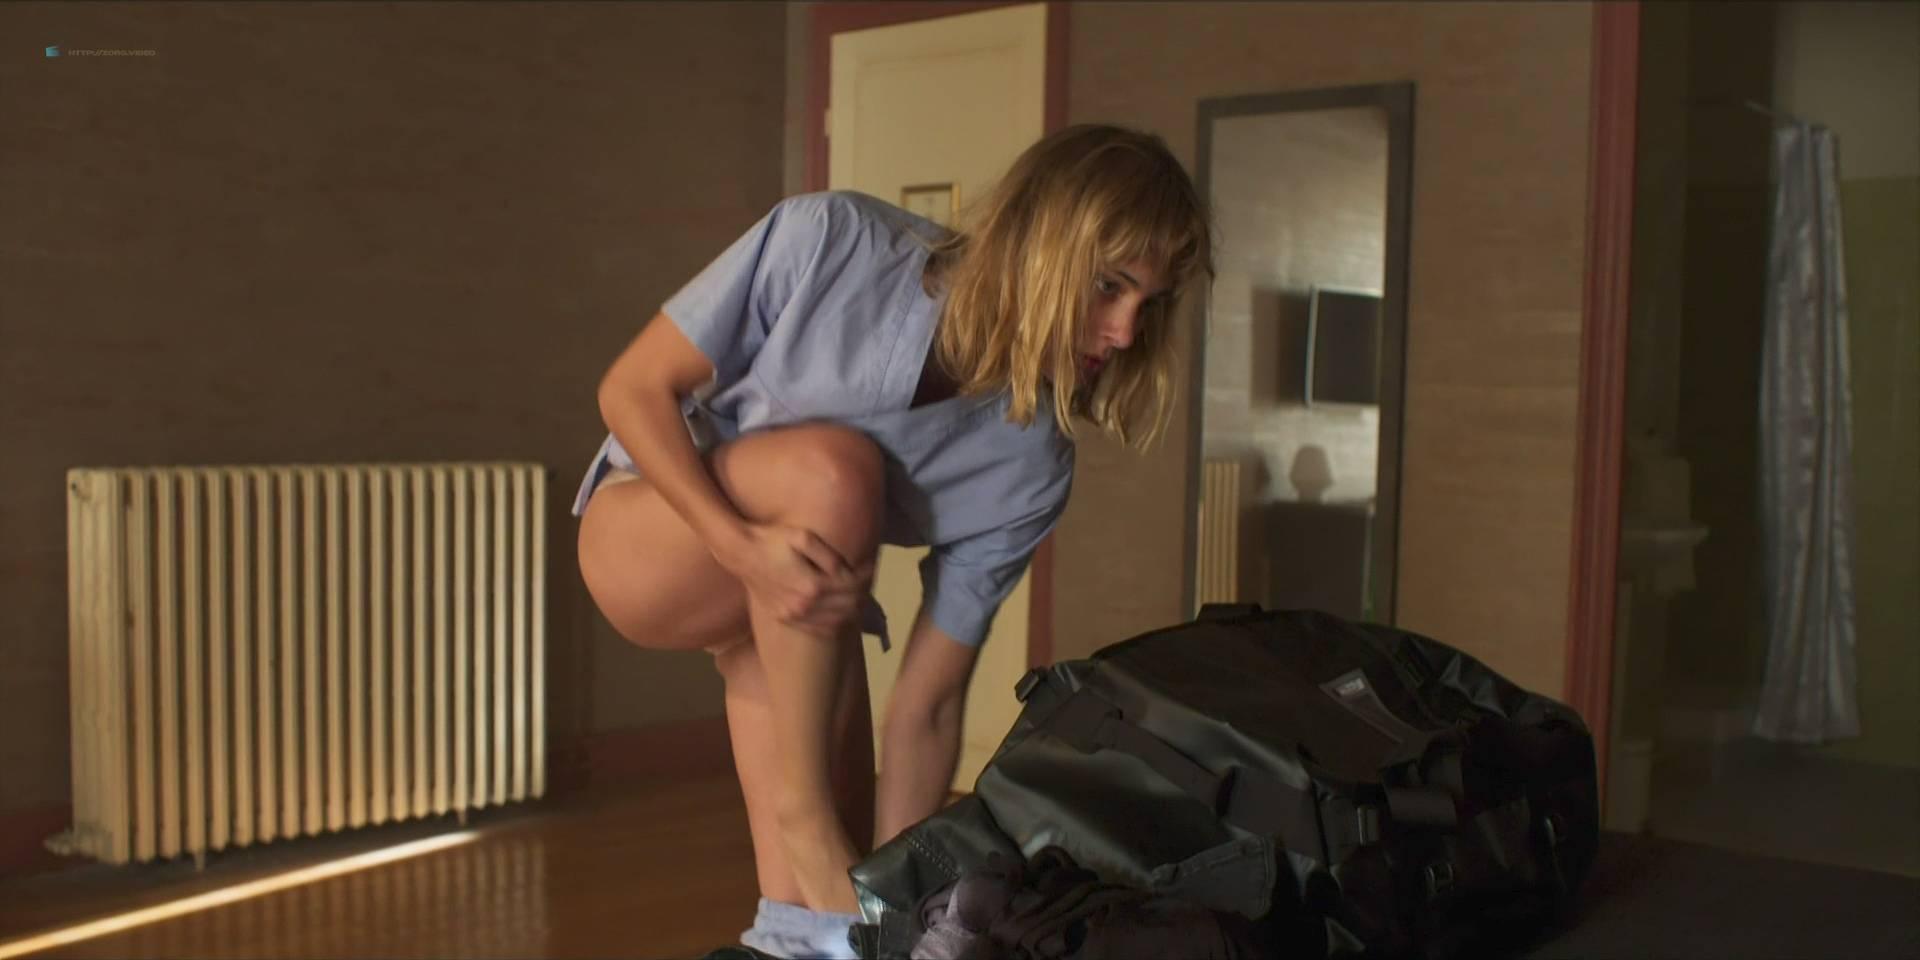 Nora Arnezeder Porno showing xxx images for nora arnezeder sex xxx | www.pixfuck